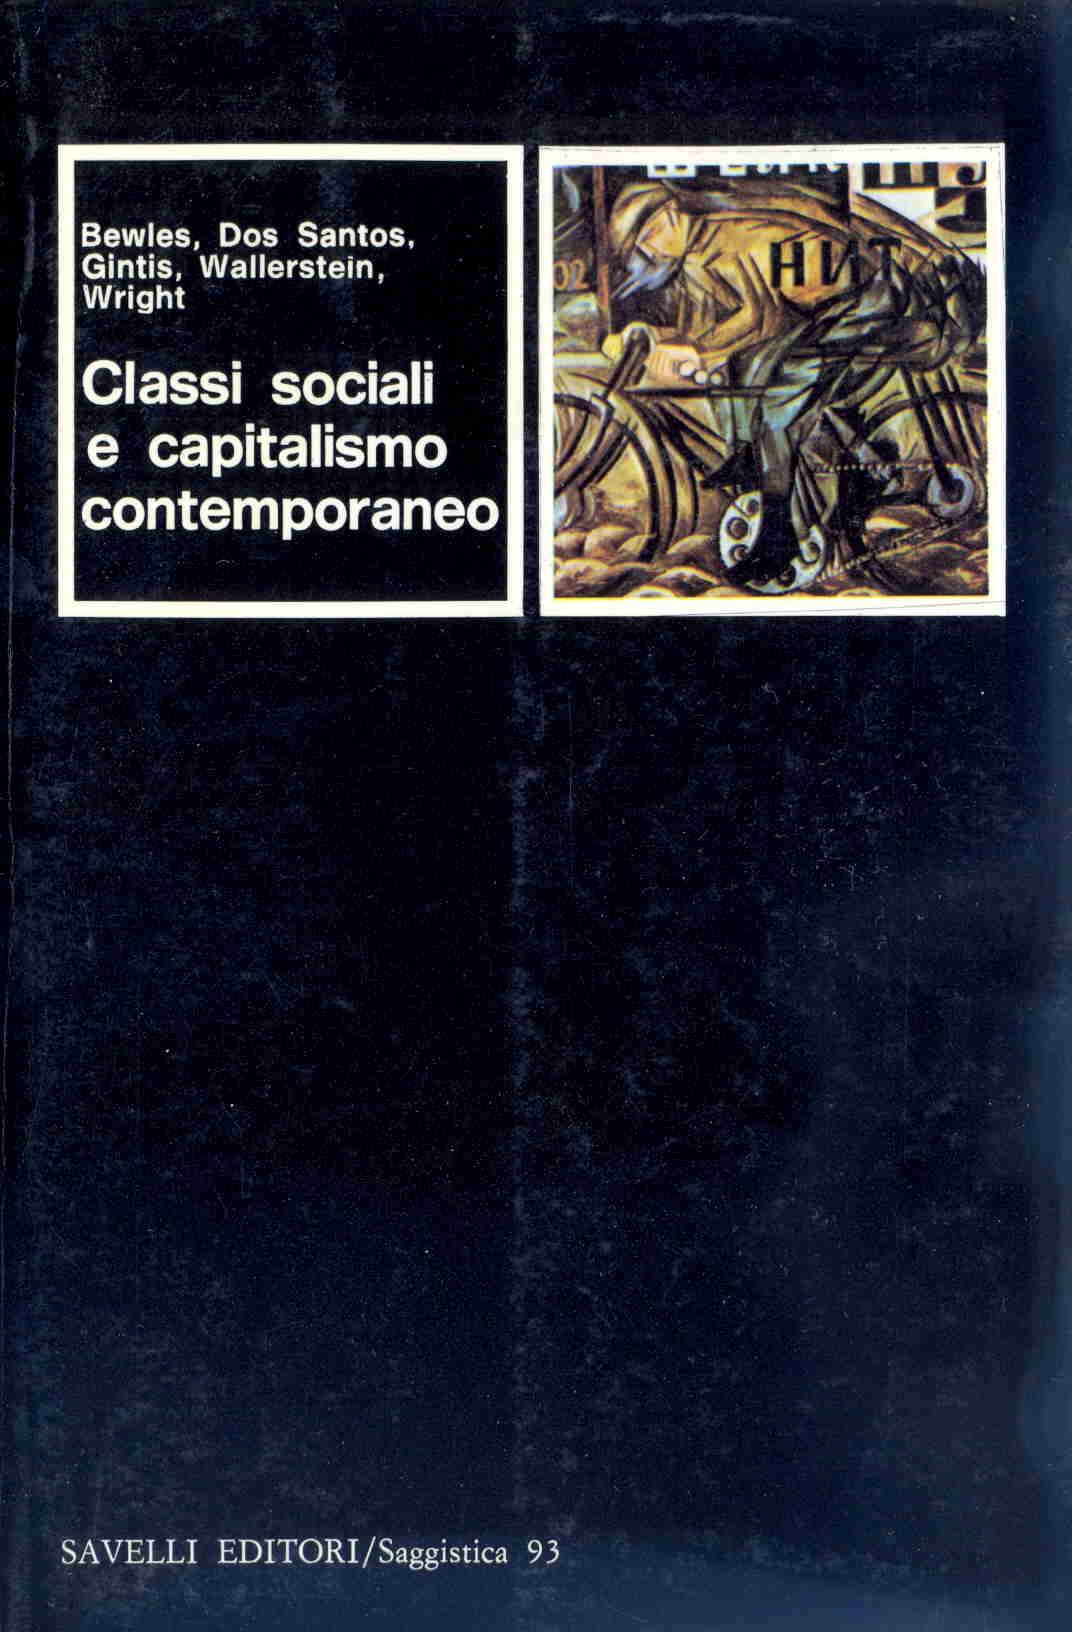 Classi sociali e capitalismo contemporaneo